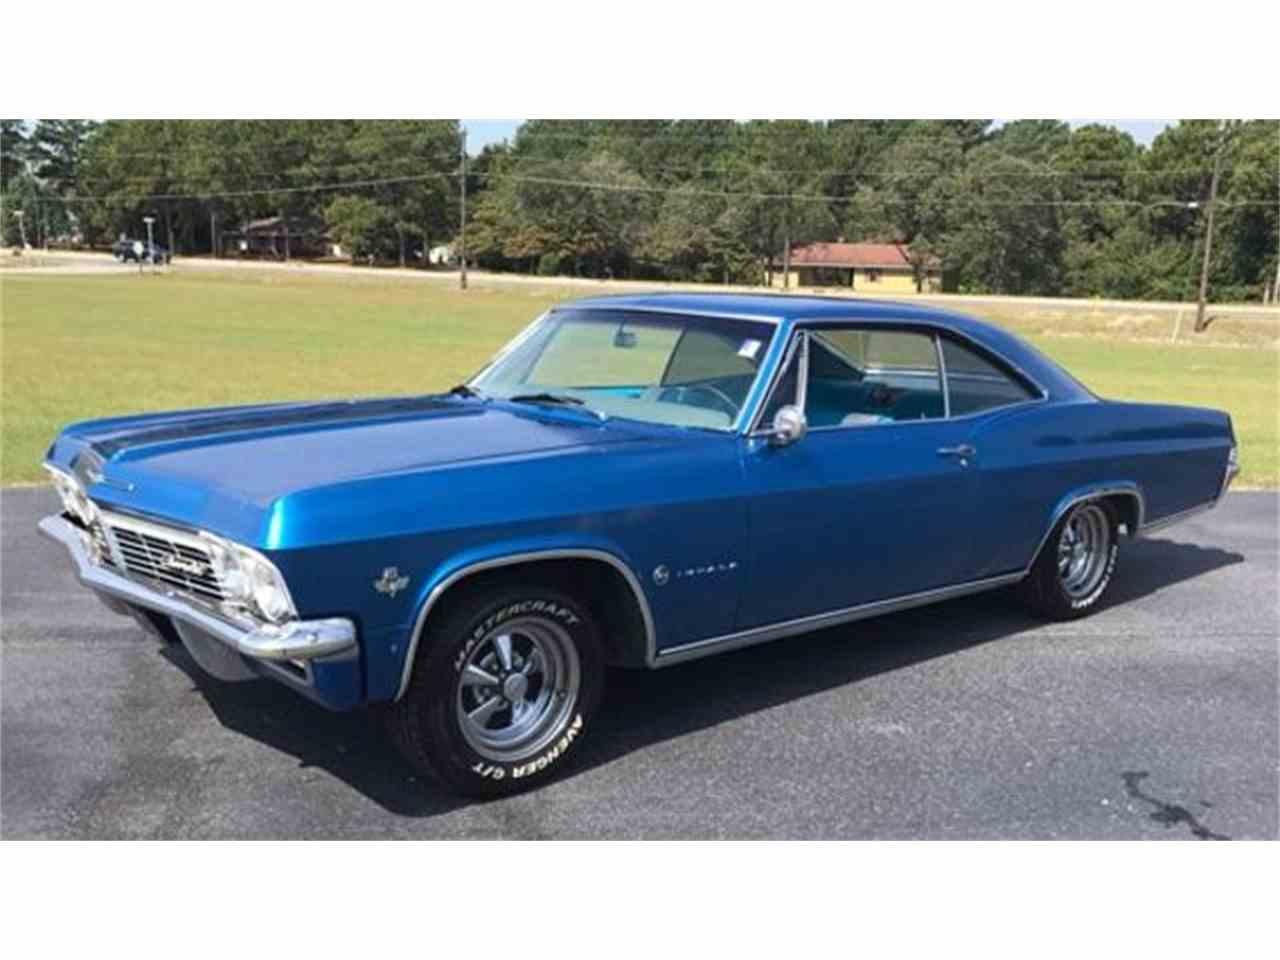 1965 Chevrolet Impala For Sale Classiccars Com Cc 1041945